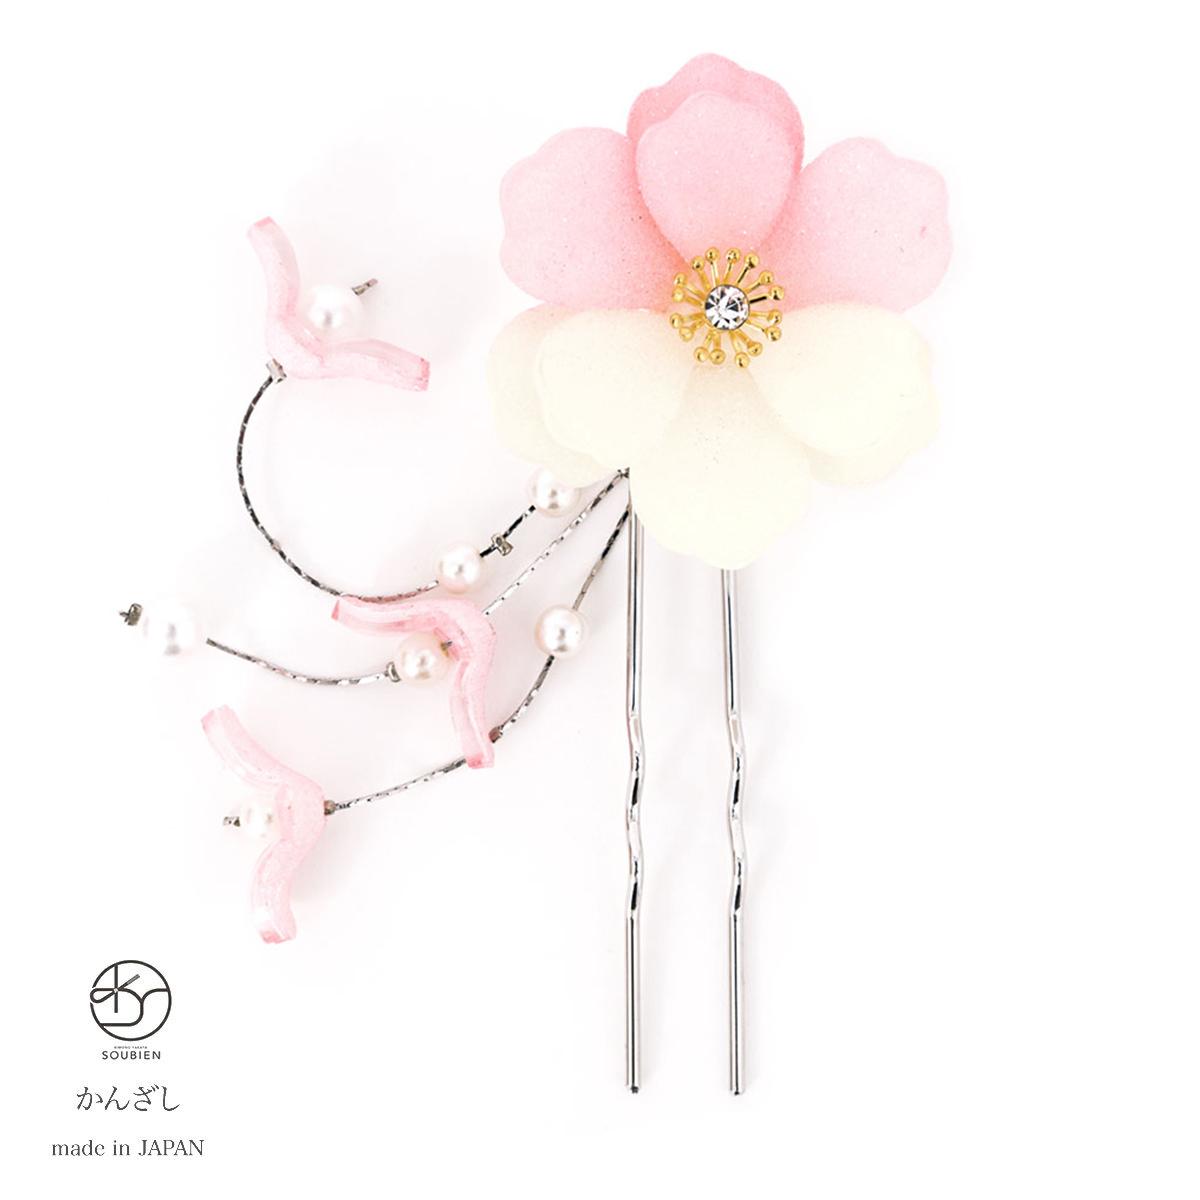 上品な華やかさのある立体的な桜簪(かんざし)